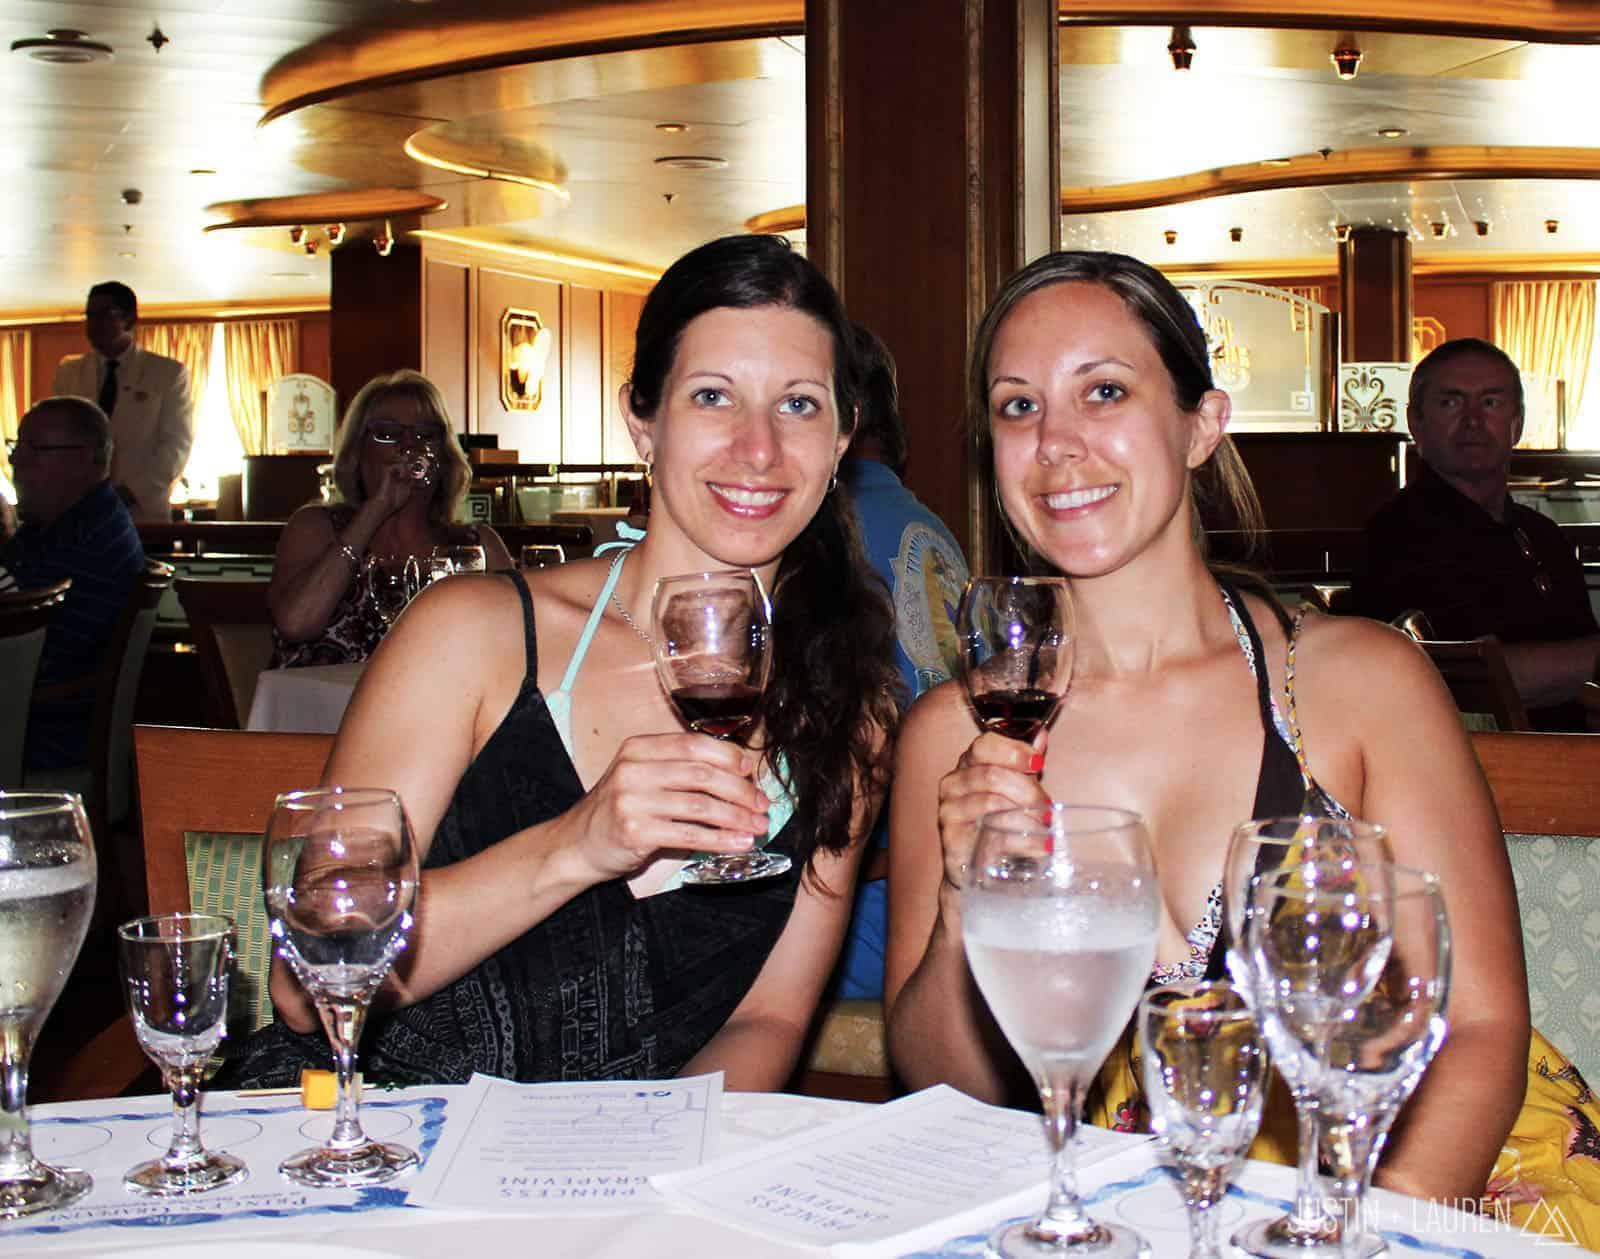 Caribbean Princess Cruise Ship - Day At Sea